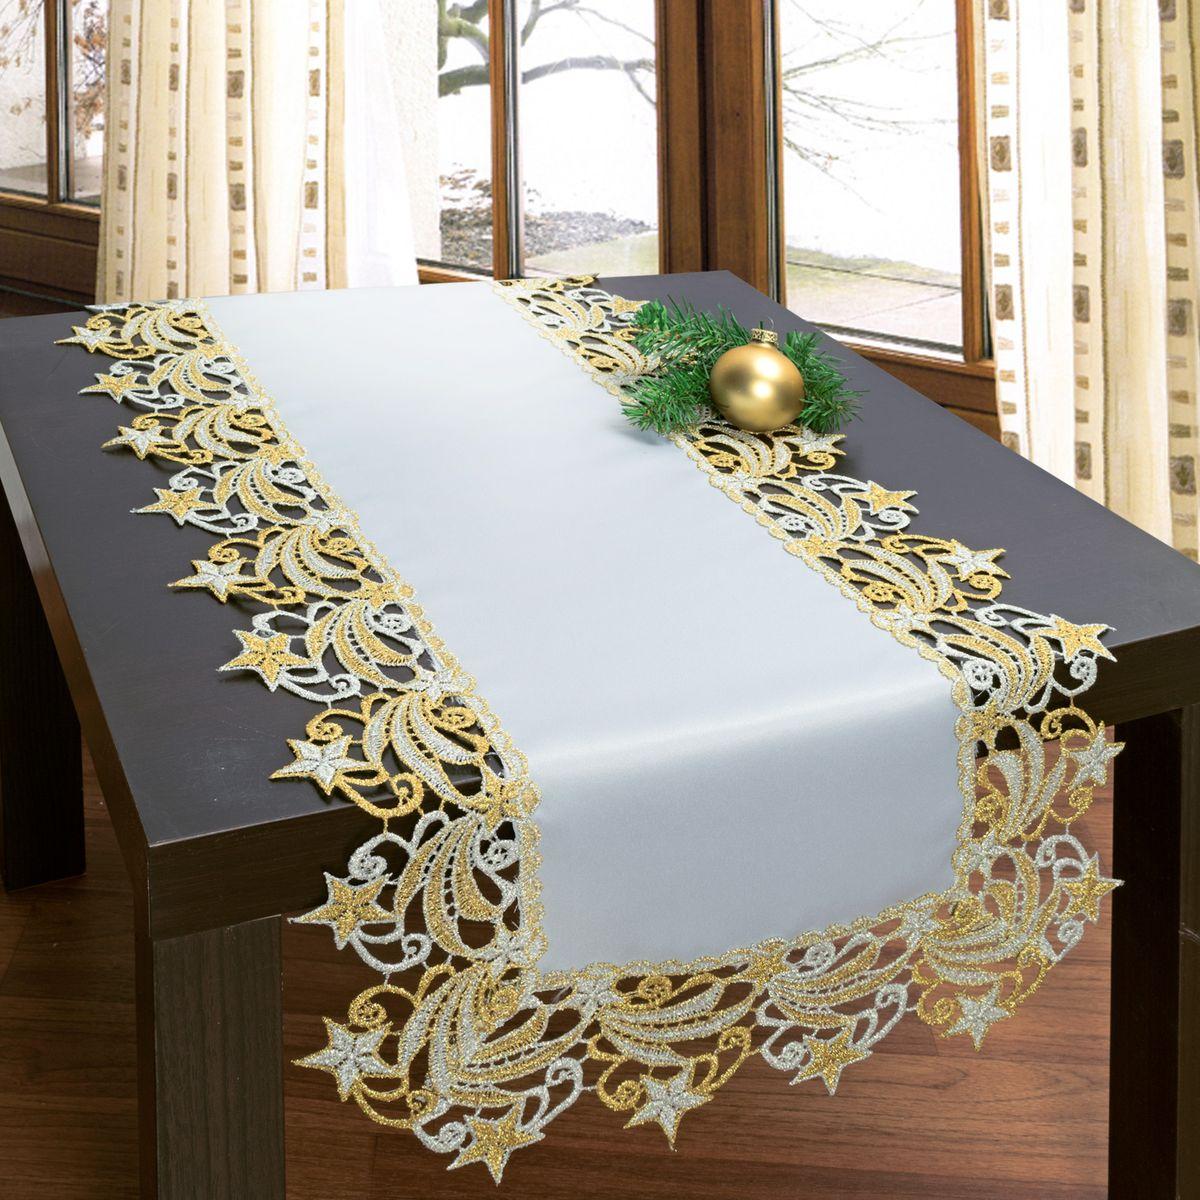 Дорожка для декорирования стола Schaefer, 40 х 100 см, цвет: белый, бежевый. 30763076Дорожка для декорирования стола Schaefer может быть использована, как основной элемент, так и дополнение для создания уюта и романтического настроения.Дорожка выполнена из полиэстера. Изделие легко стирать: оно не мнется, не садится и быстро сохнет, более долговечно, чем изделие из натуральных волокон.Материал: 100% полиэстер.Размер: 40 х 100 см.